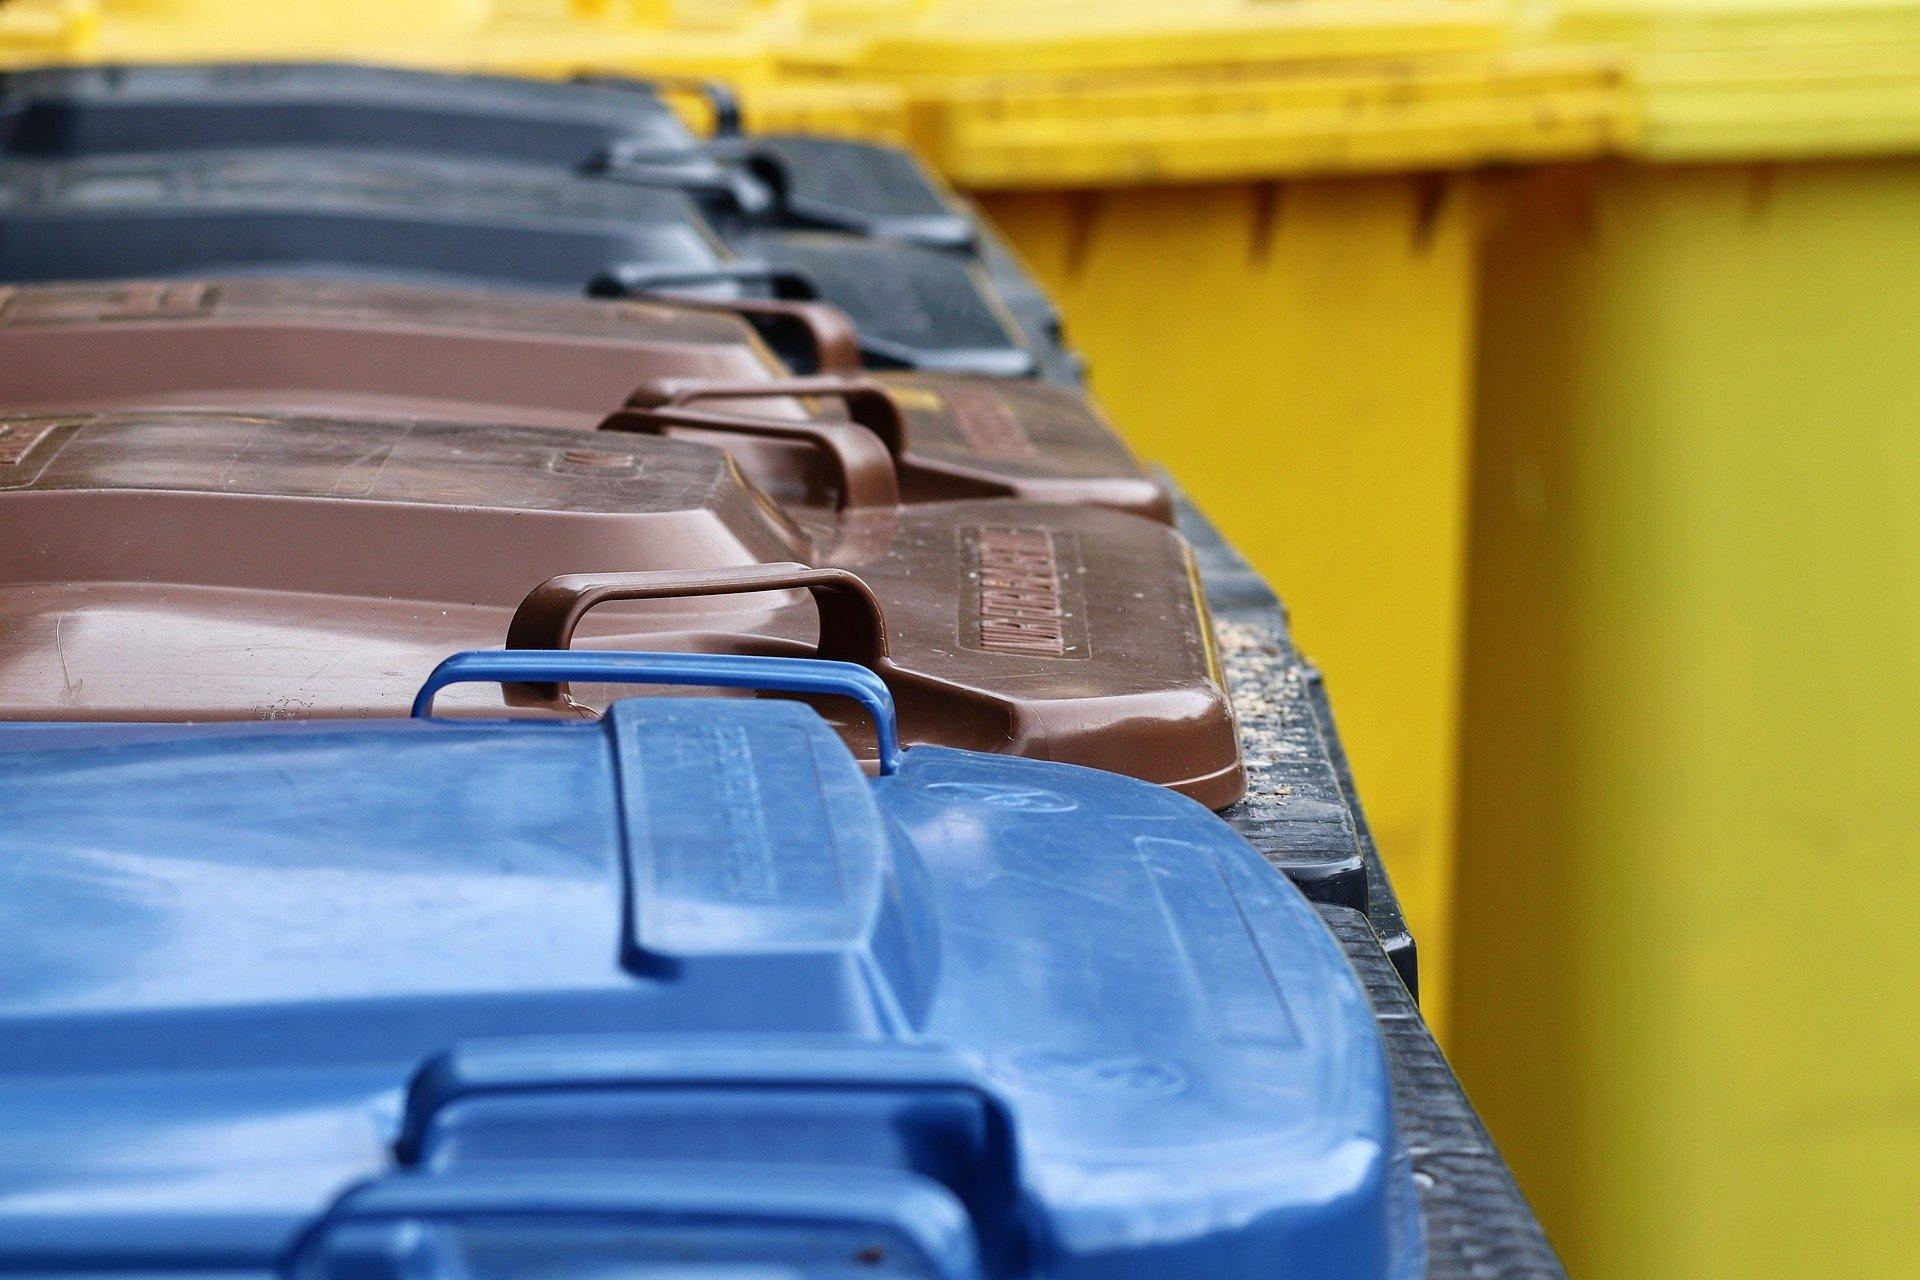 Segregacja śmieci – podpowiadamy, jakie kolory opisują poszczególne odpady